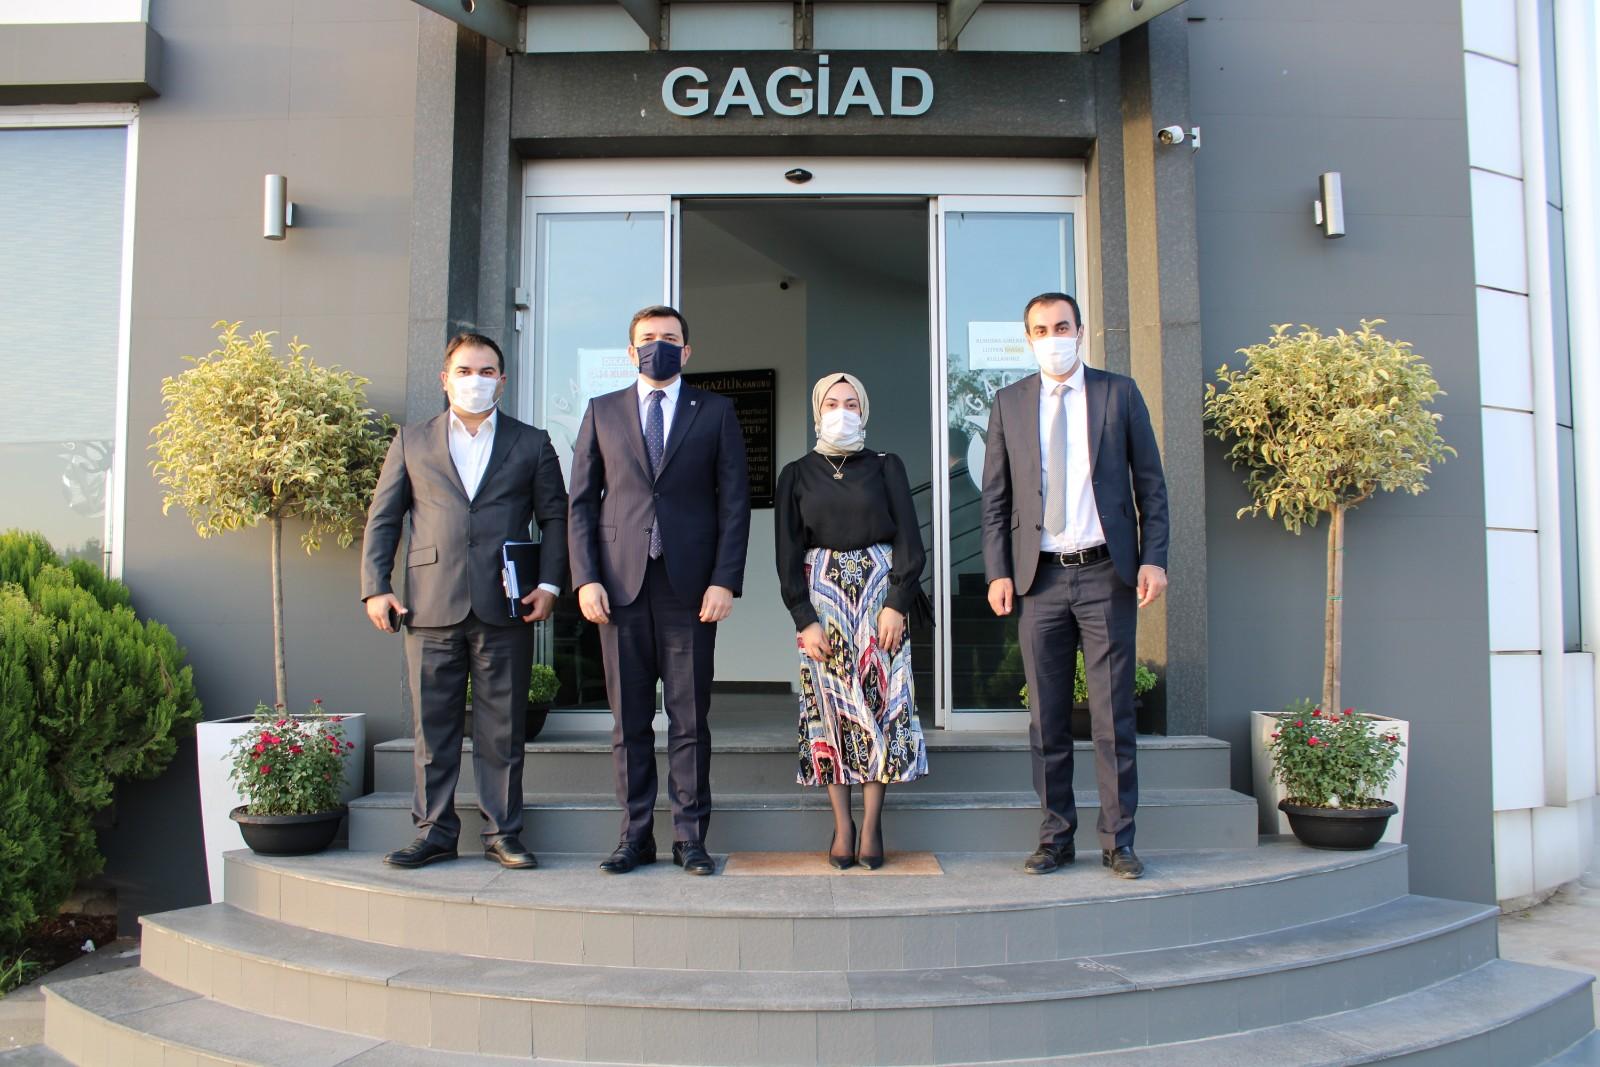 DEVA PARTİSİ'NDEN GAGİAD'A ZİYARET